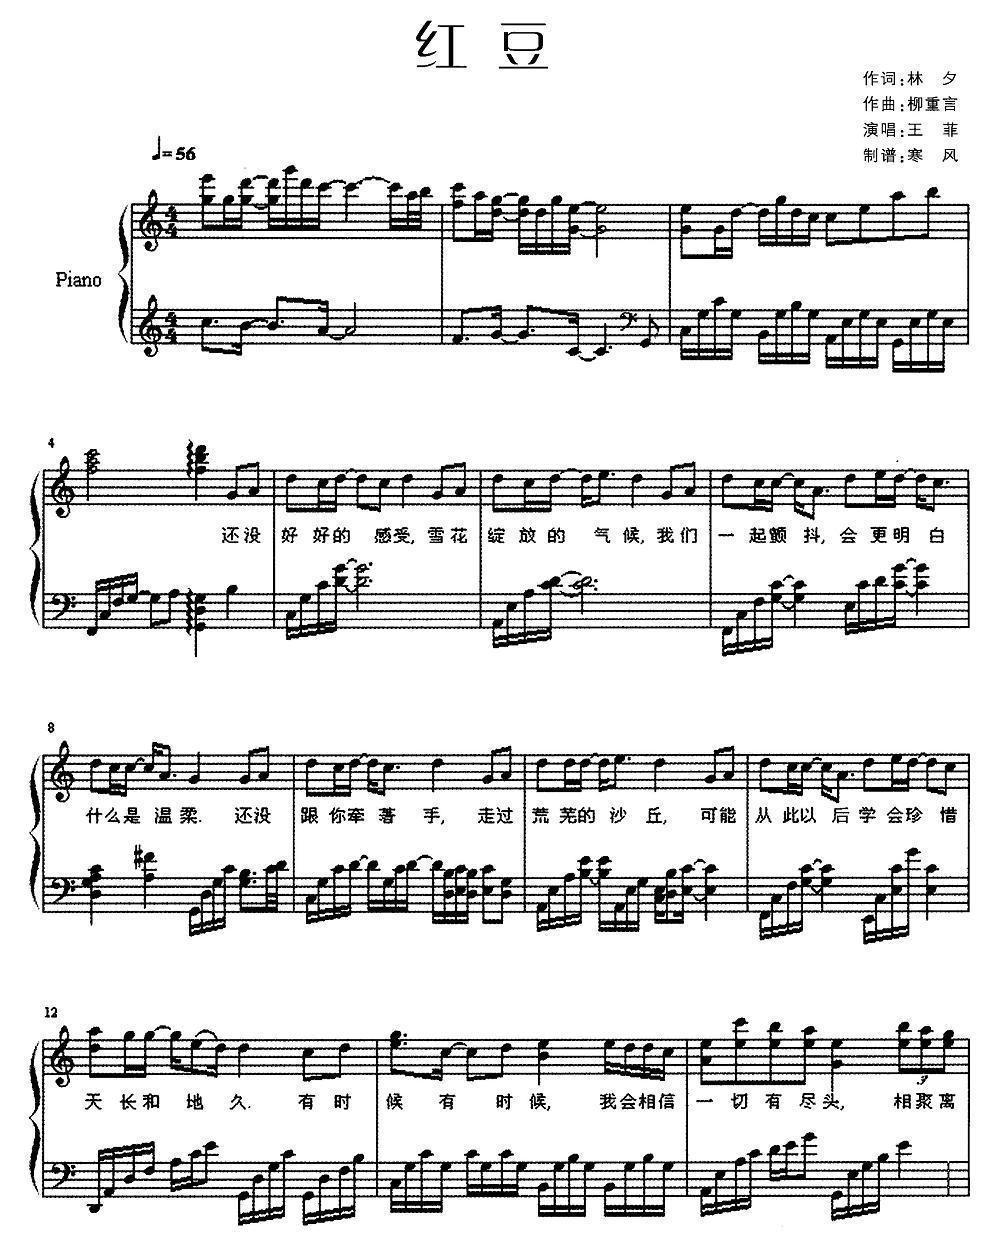 红豆(林夕词 柳重言曲,钢琴弹唱谱)